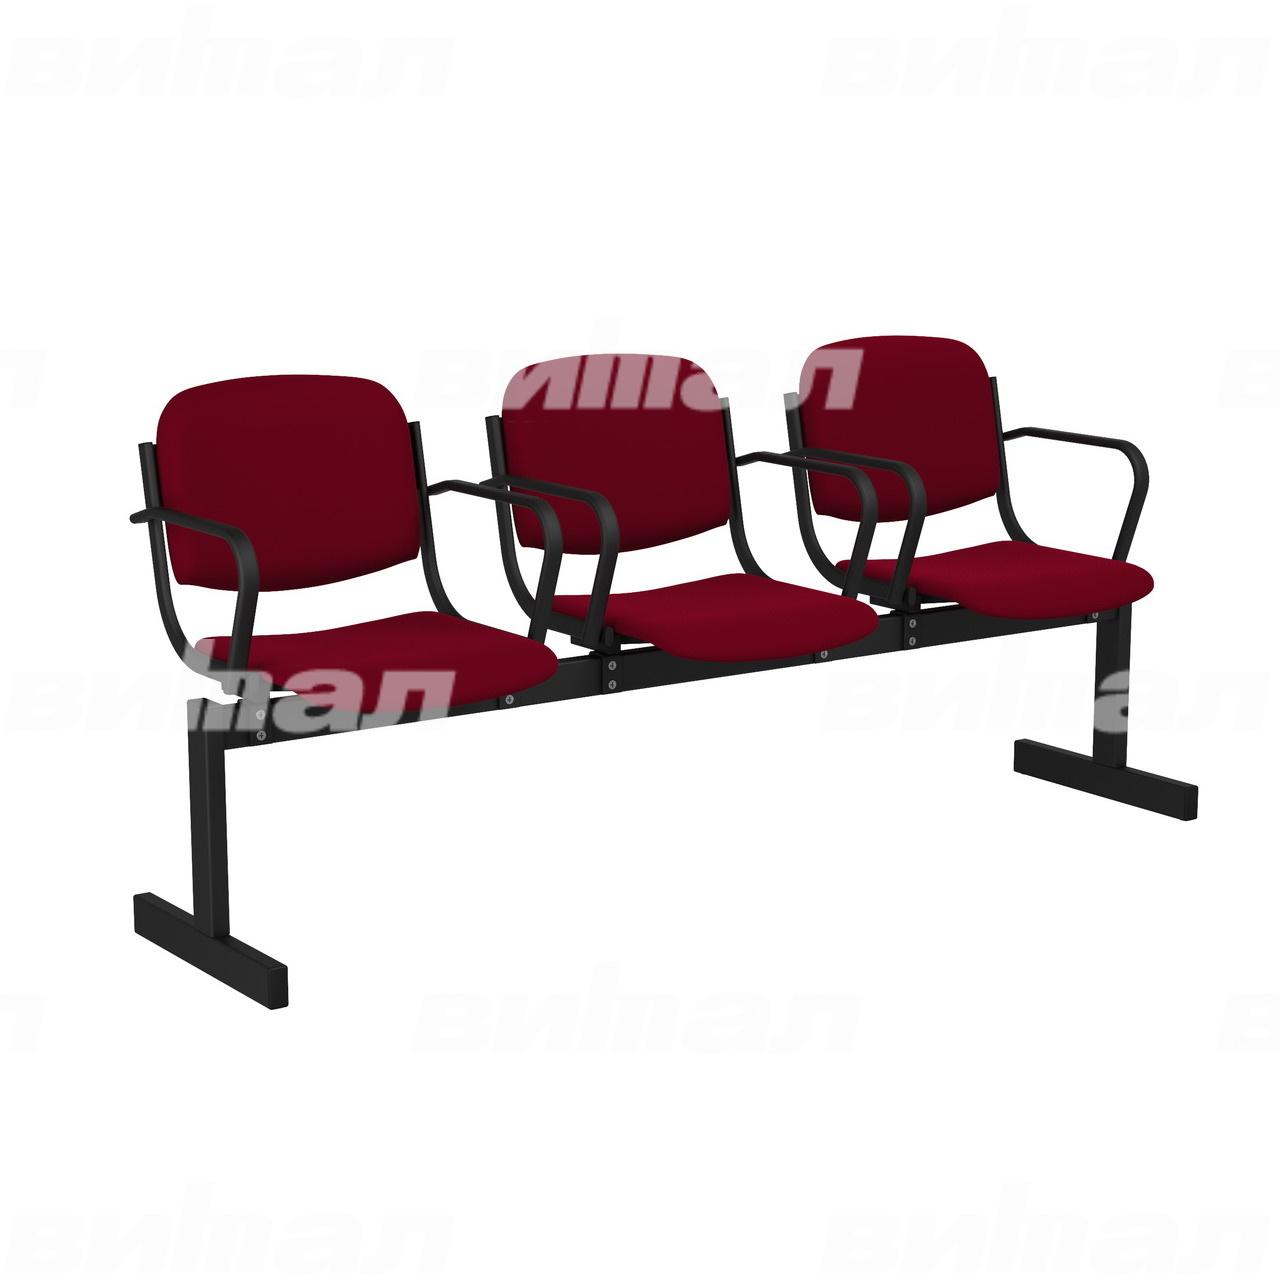 3-местный, не откидывающиеся сиденья, мягкий, подлокотники